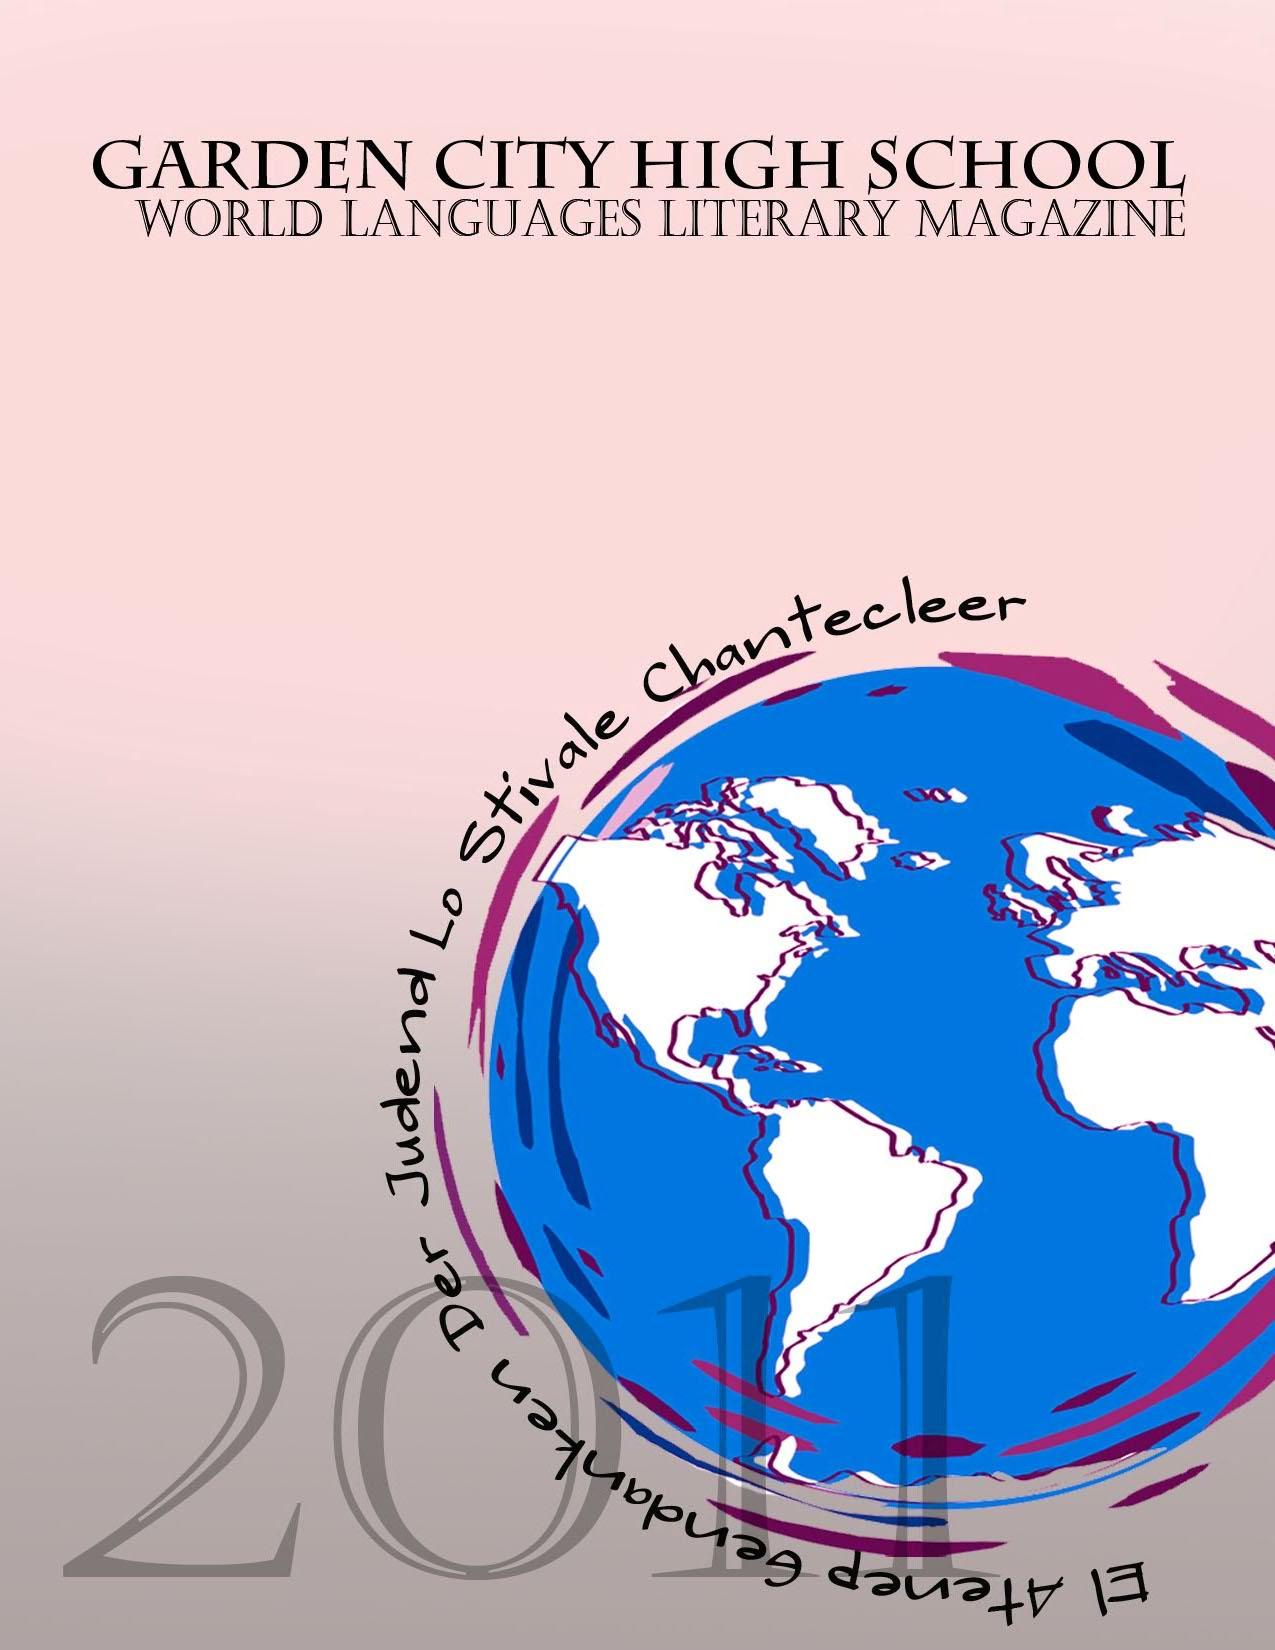 Garden City High School World Languages Literary Magazine